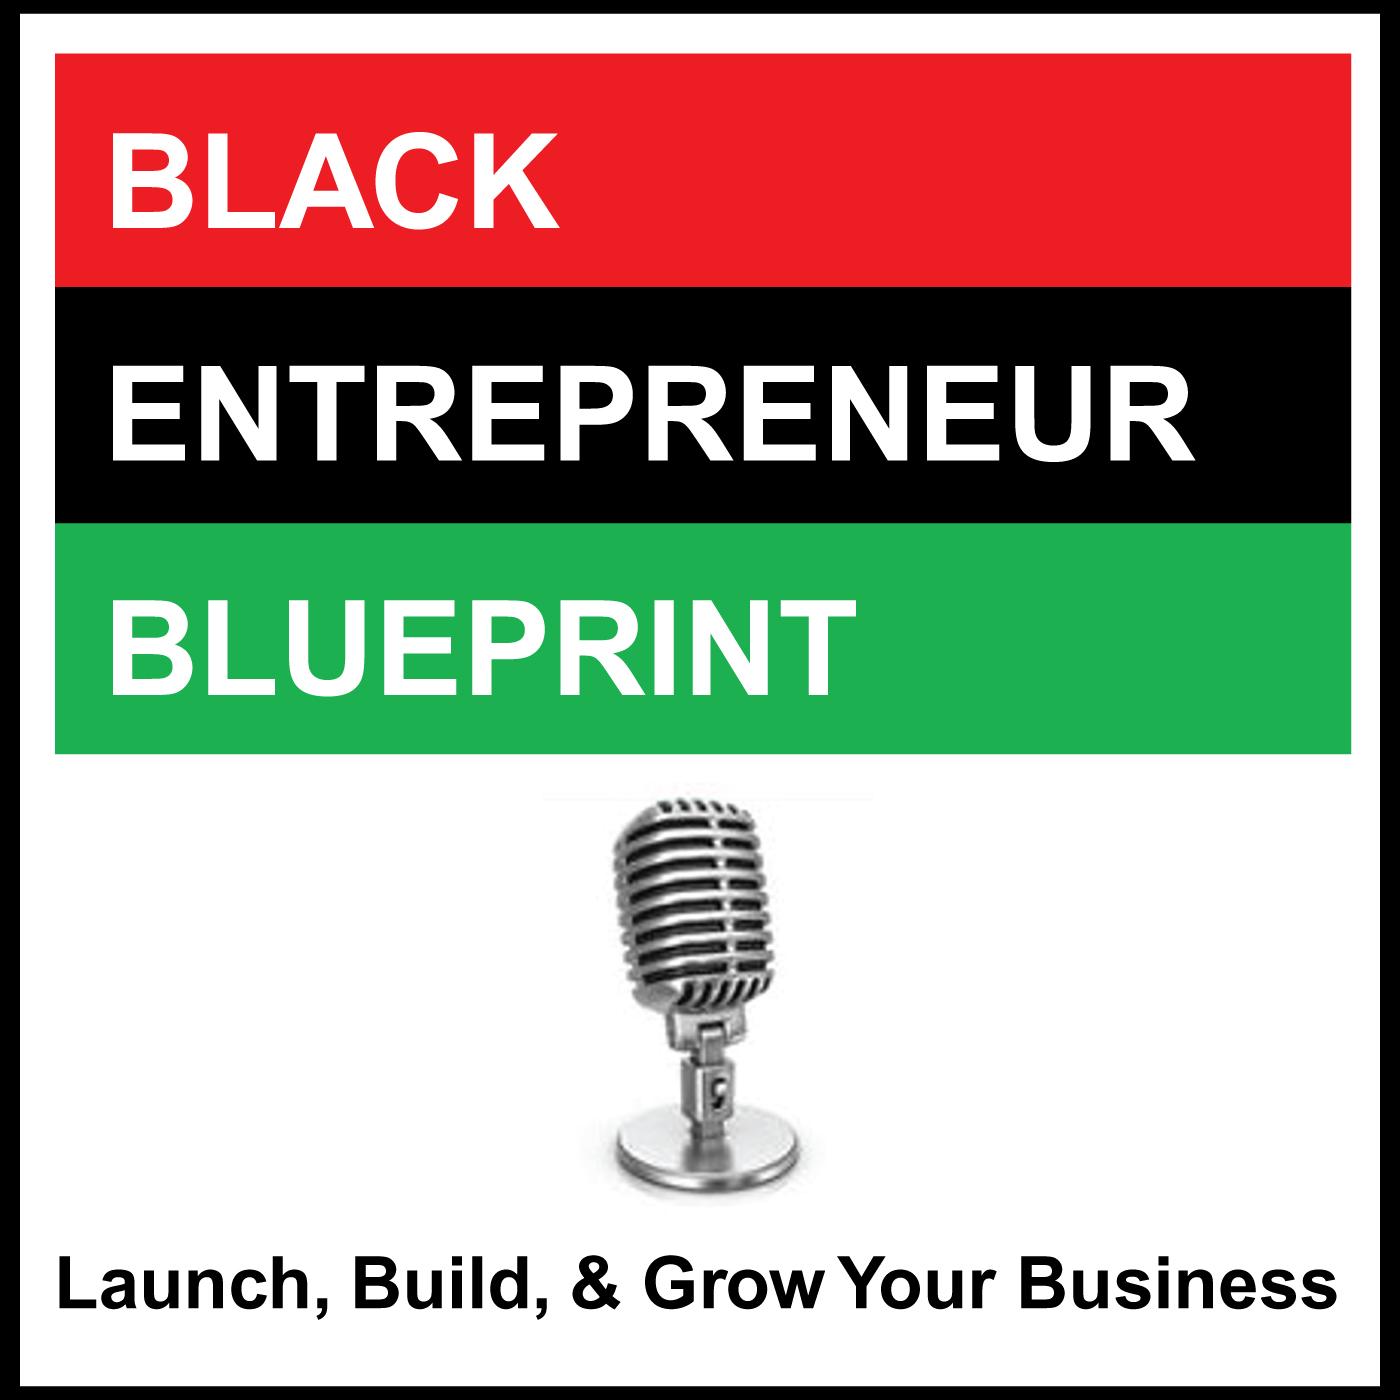 Black Entrepreneur Blueprint: 10 - Lauren Brewton - Passion To Profit